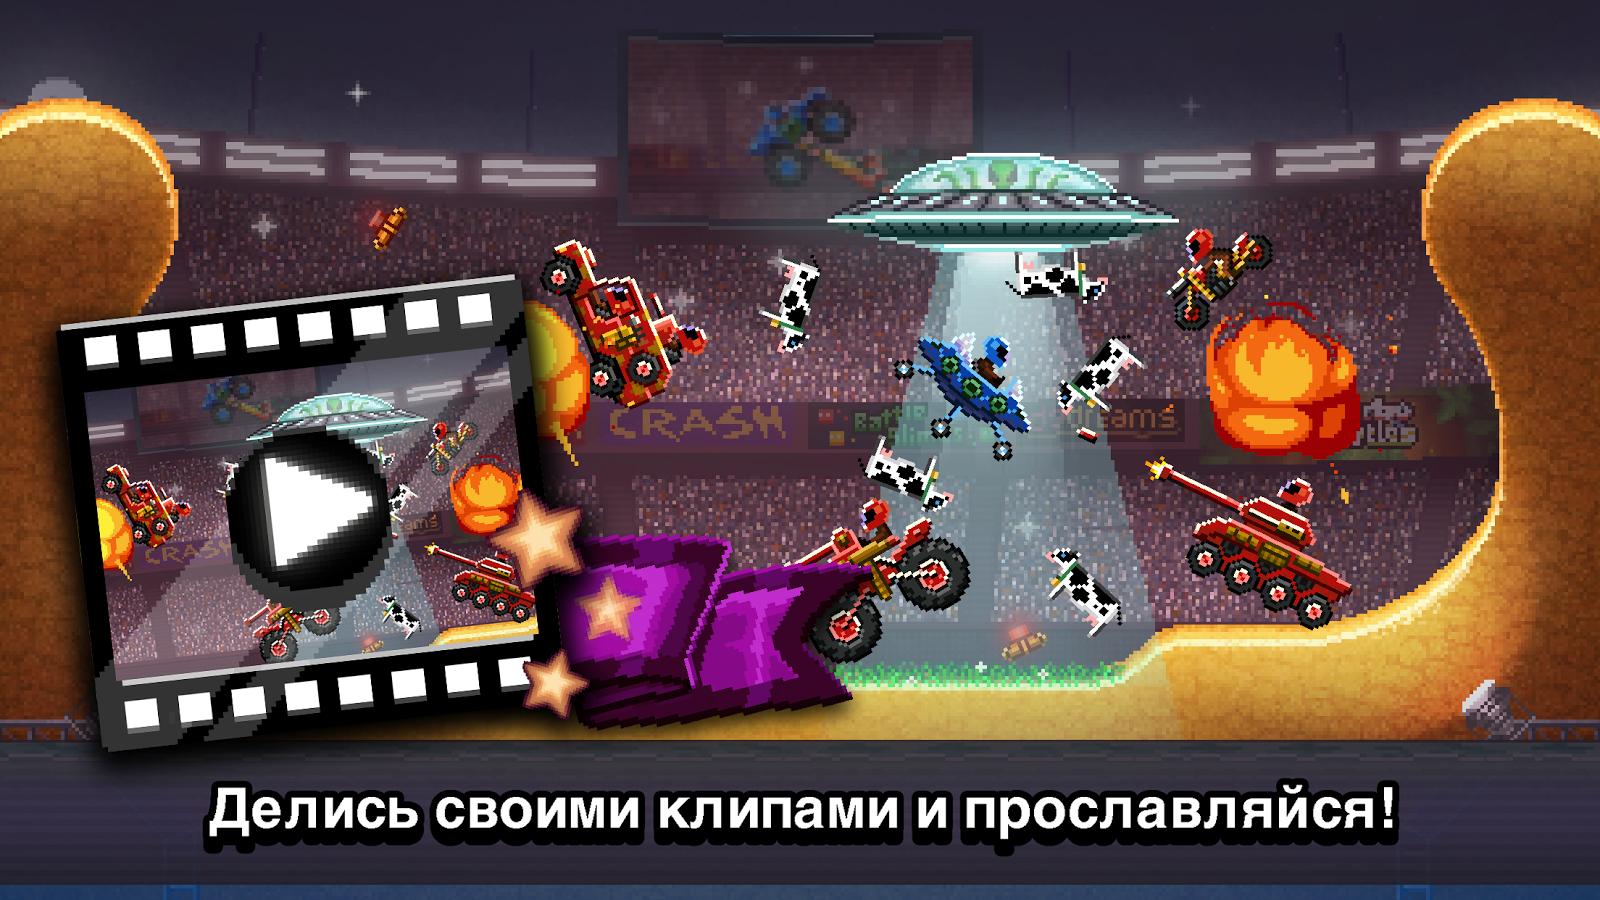 znaemgeek: Игры XBOX 360 на двоих Games Split …